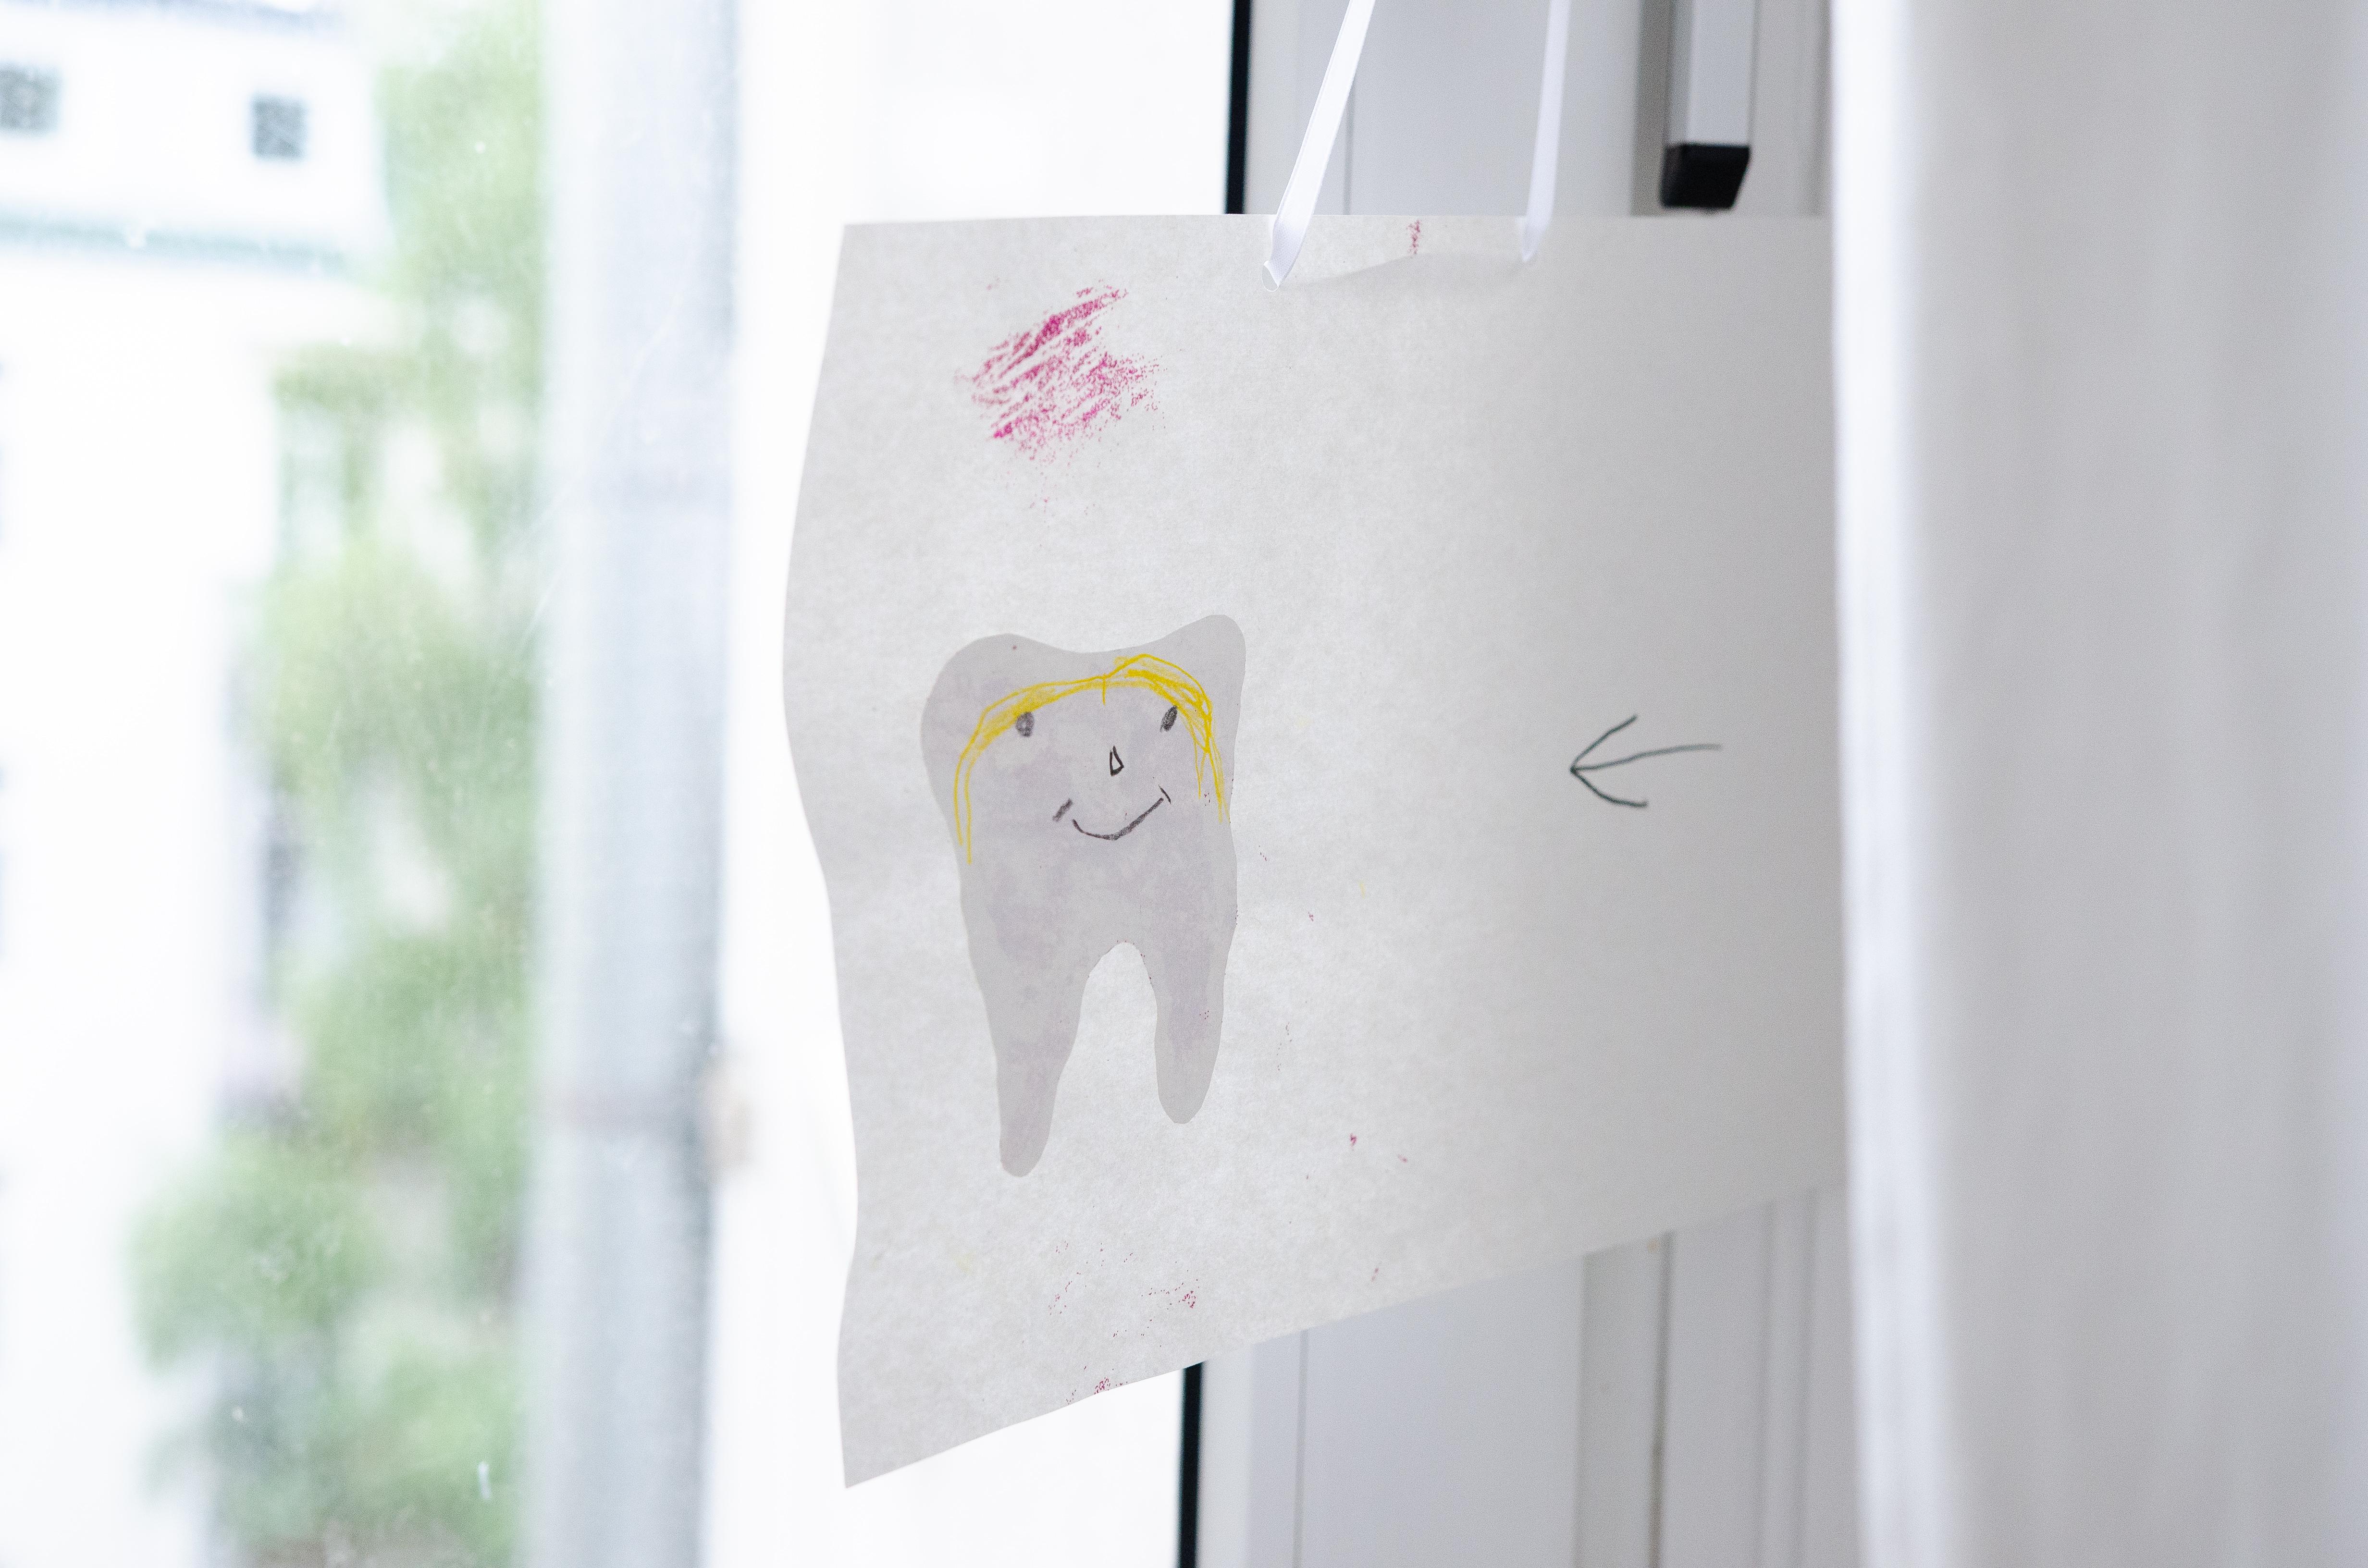 Zahnfee, Weihnachtsmann und Co. - Die Magie der Kindheit